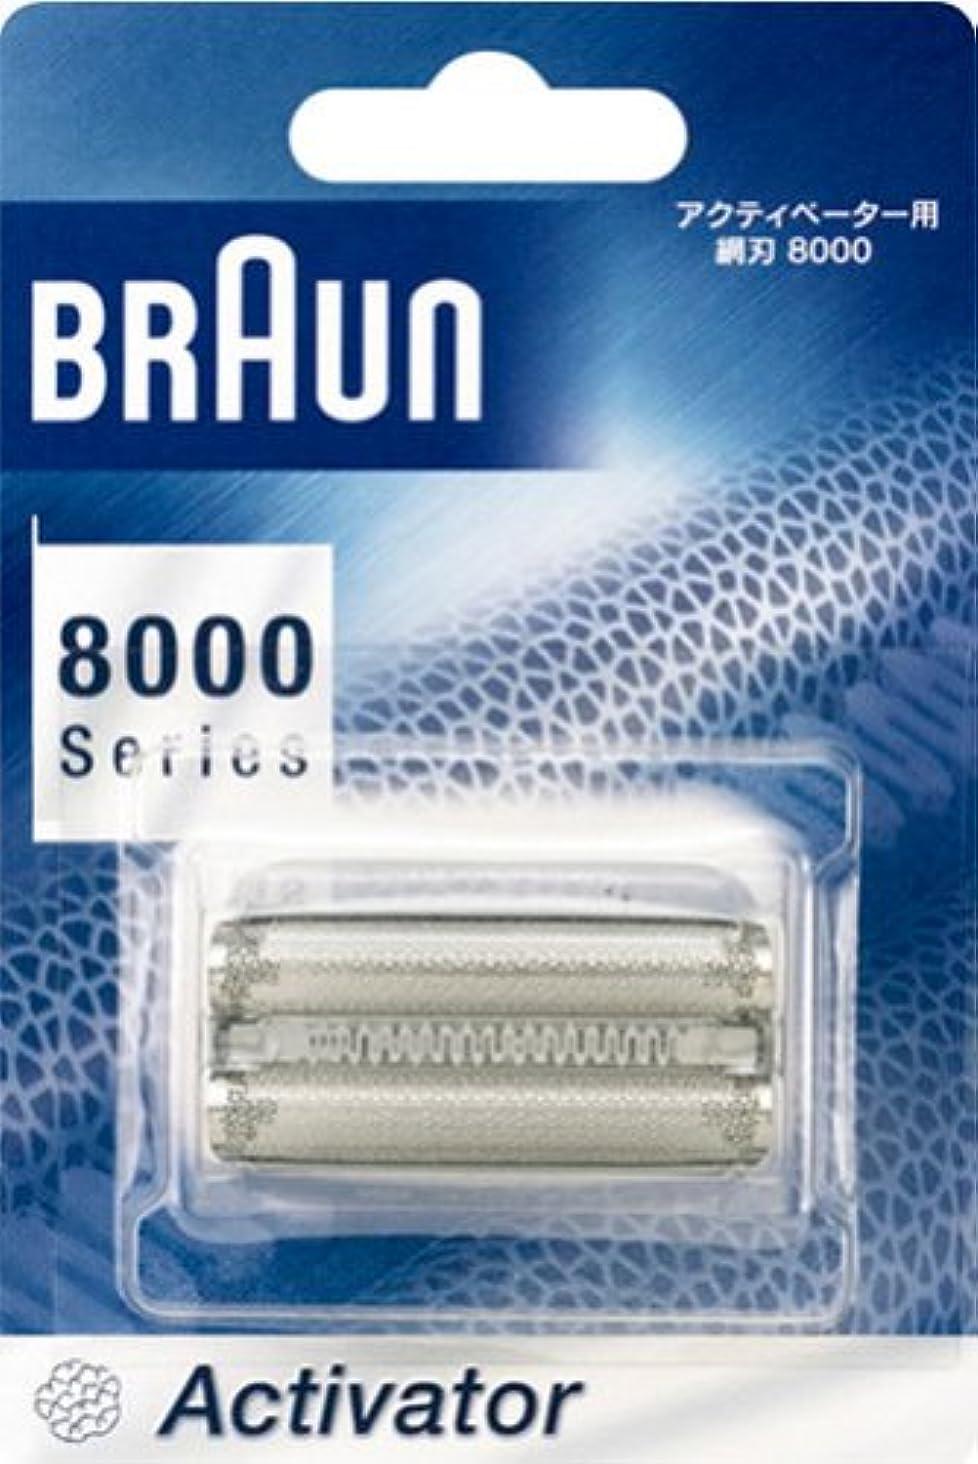 半球ニュージーランド回路ブラウン シェーバー網刃 F8000